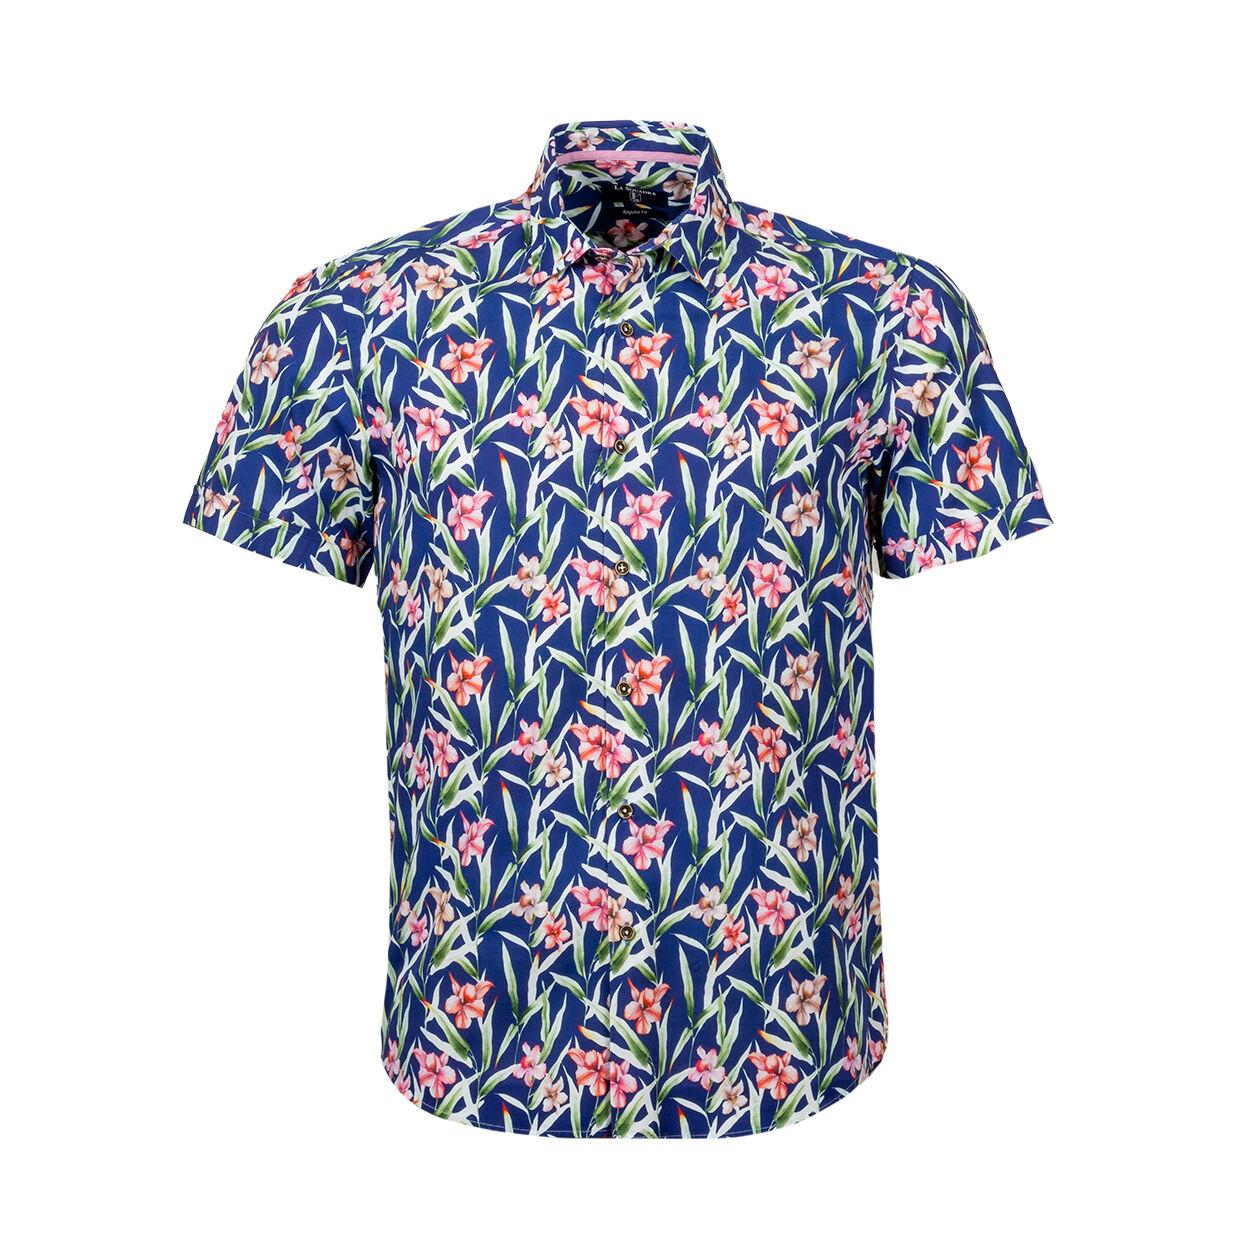 La Squadra Chemise manches courtes coupe droite La Squadra en coton bleu marine à motifs fleuris rose et feuilles vertes - Bleu - XL